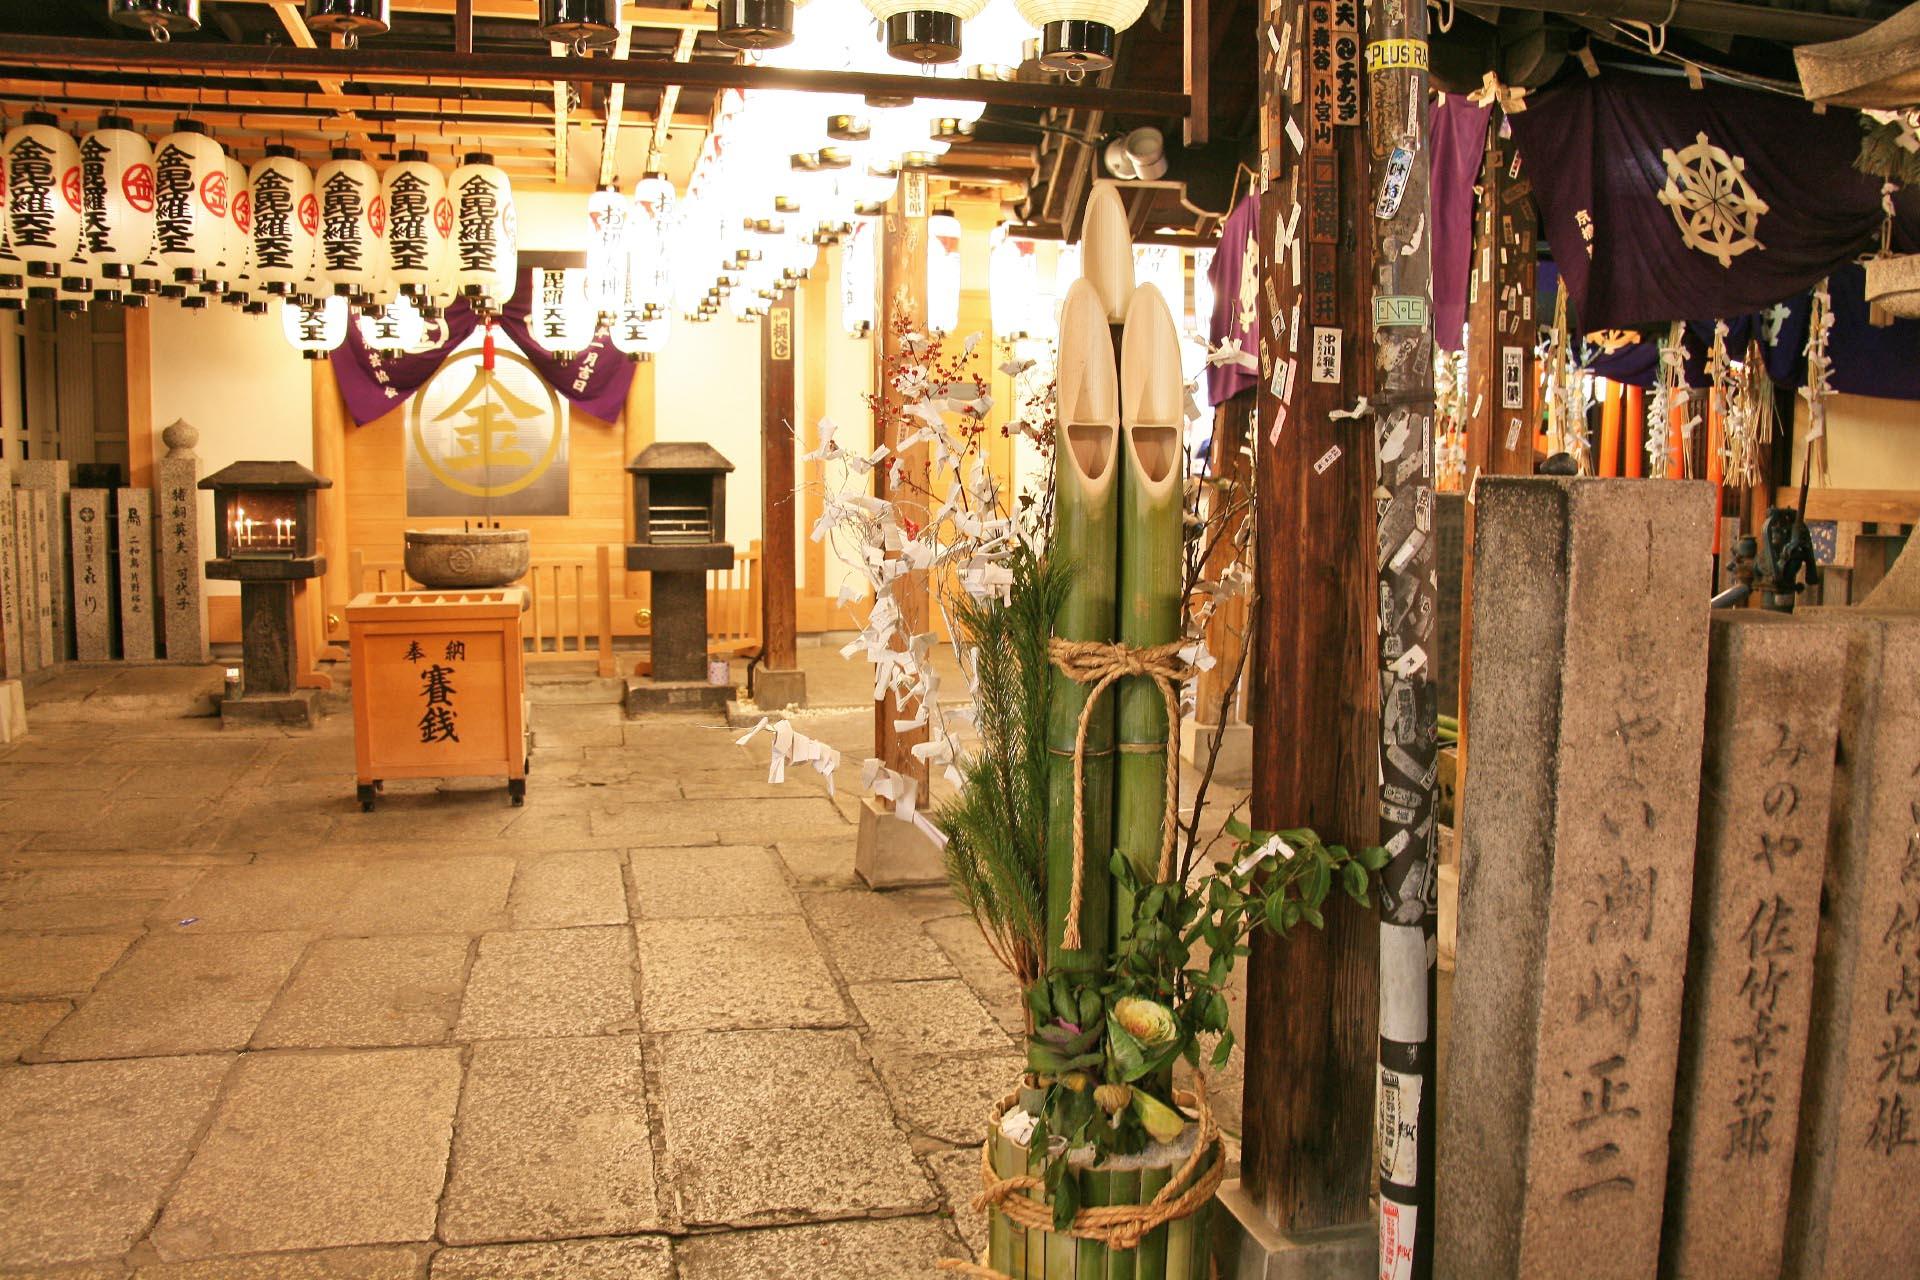 日本の正月風景 正月の夜の法善寺 大阪の風景